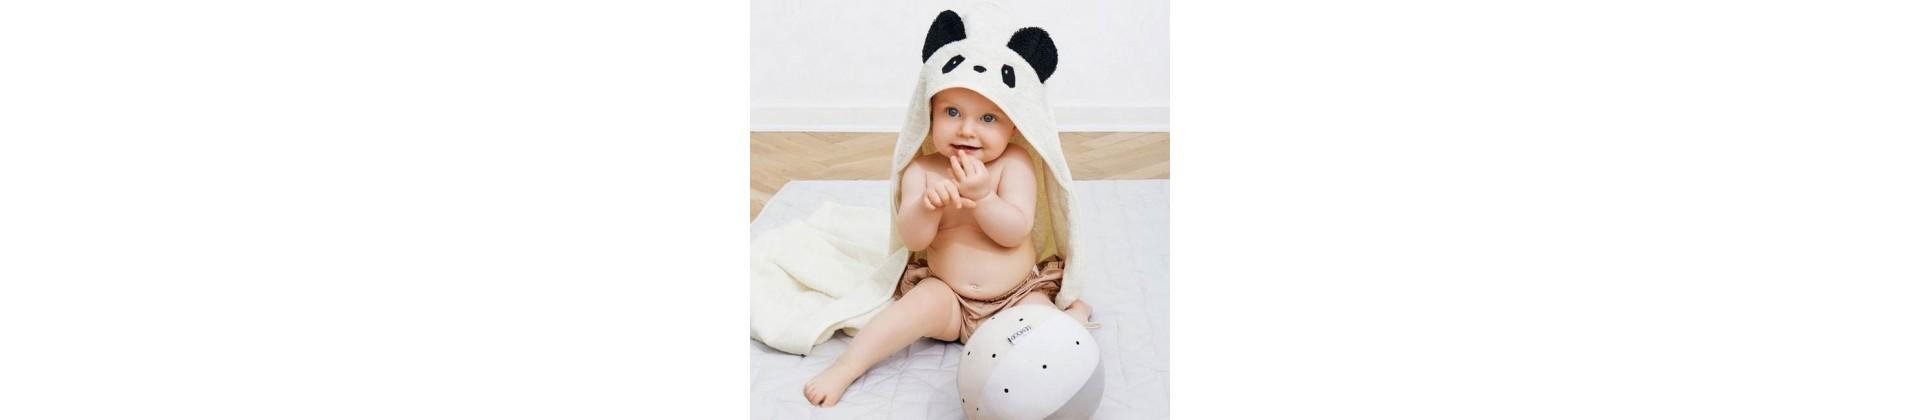 Linges de bain bébé - tout pour la toilette de bébé